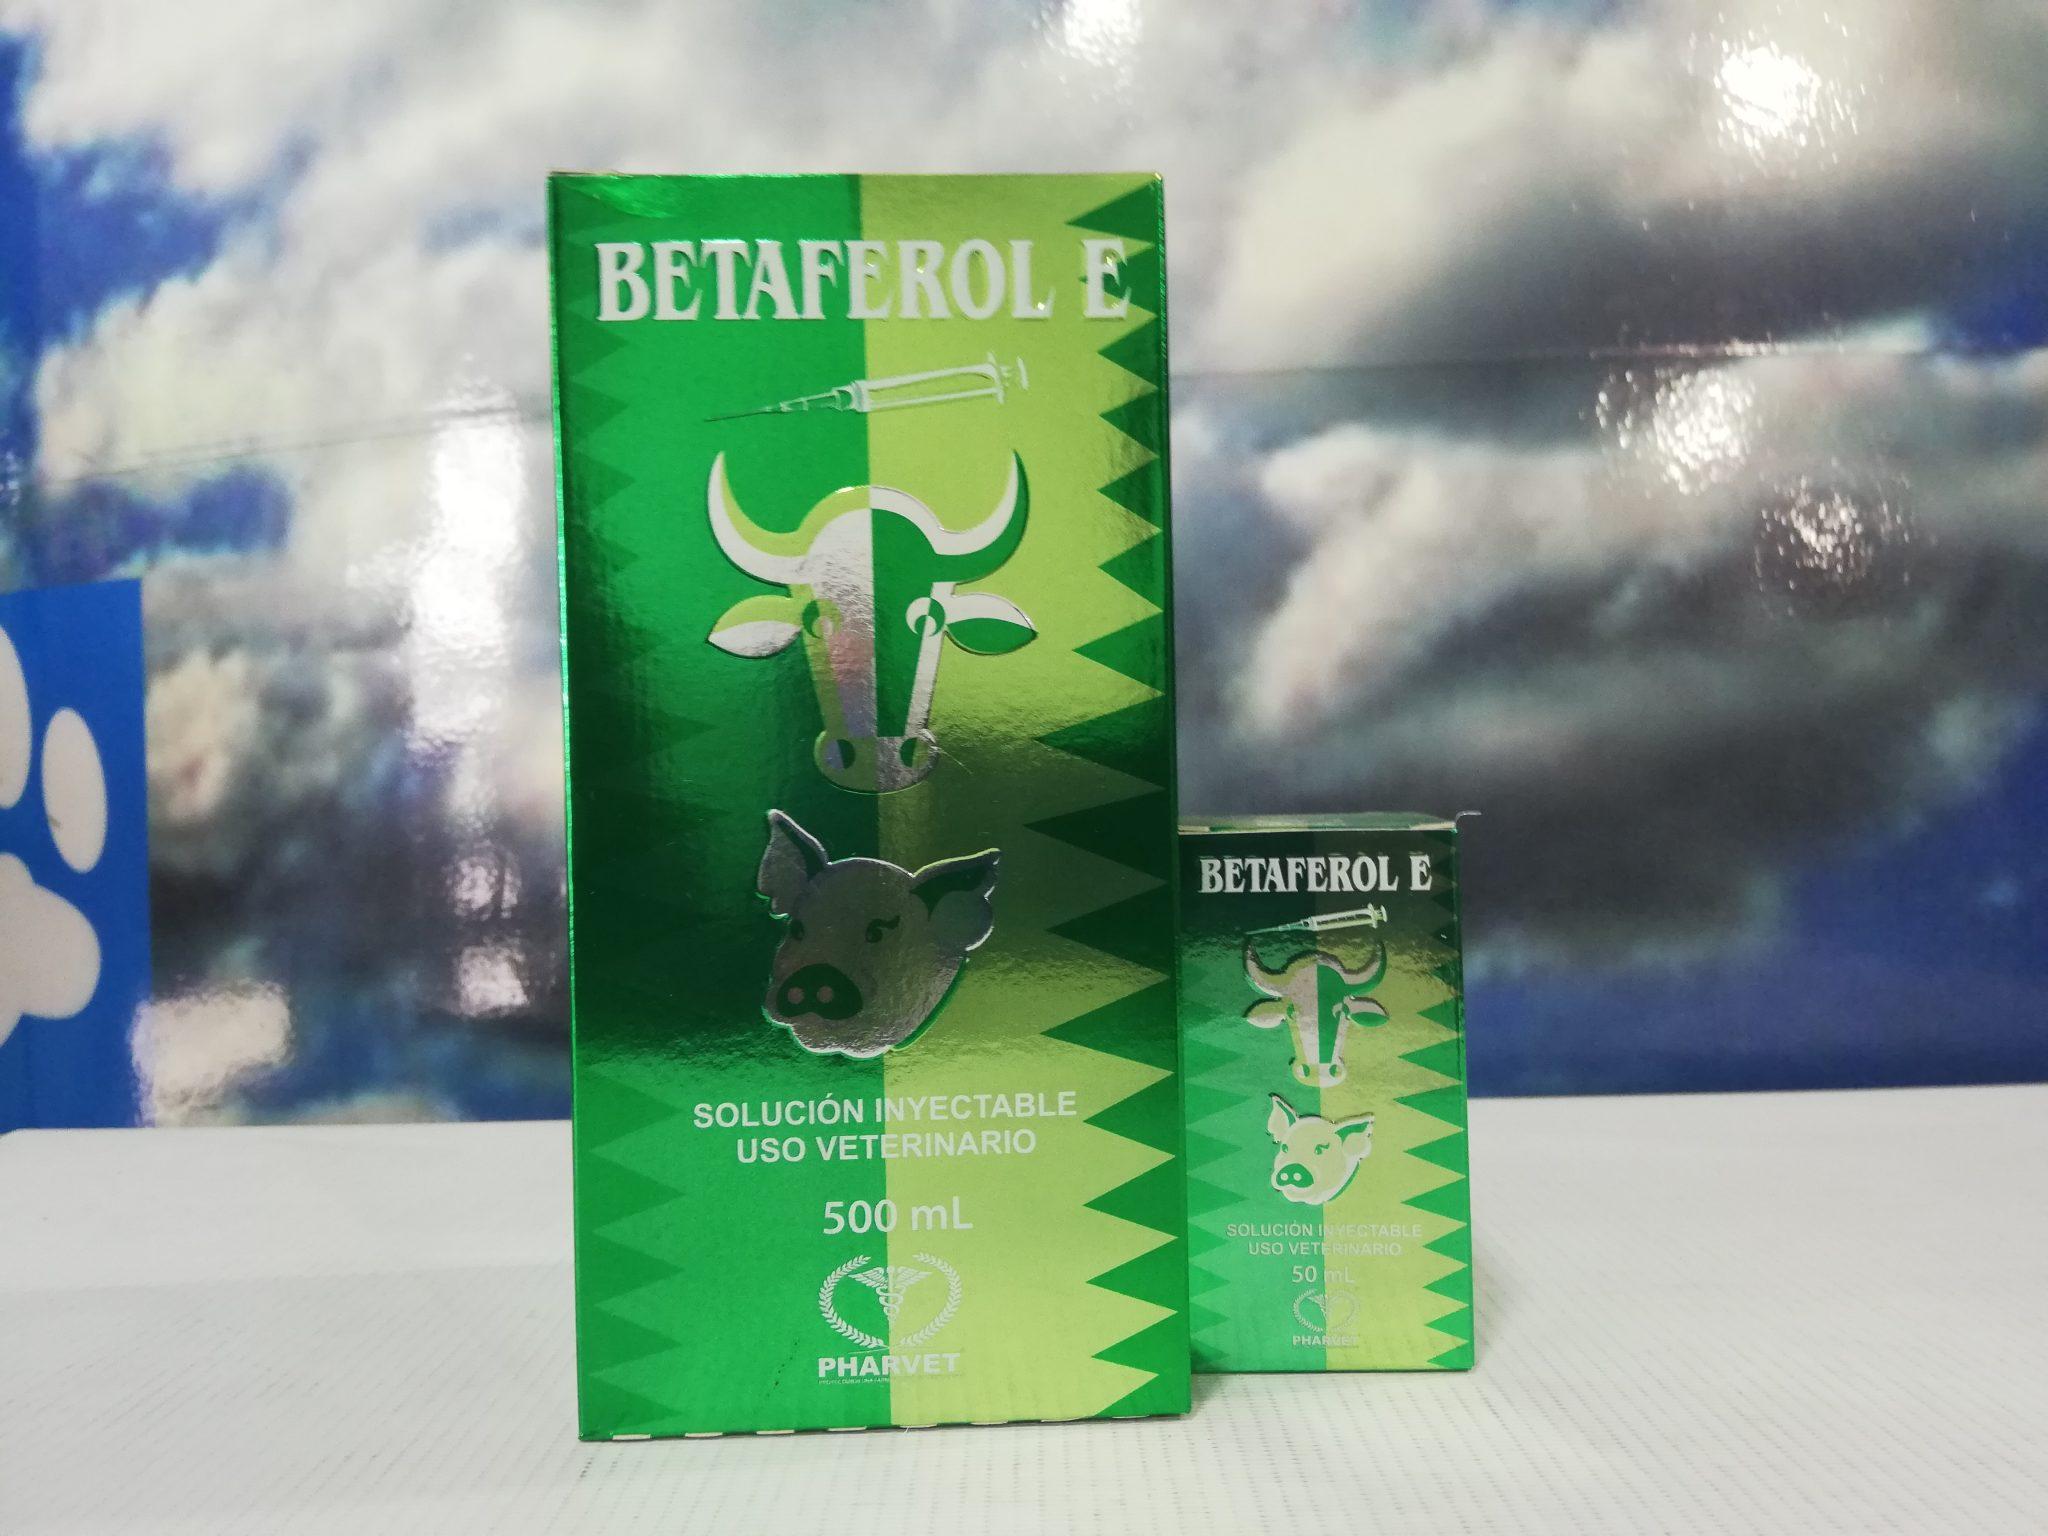 BETAFEROL E X 50ML